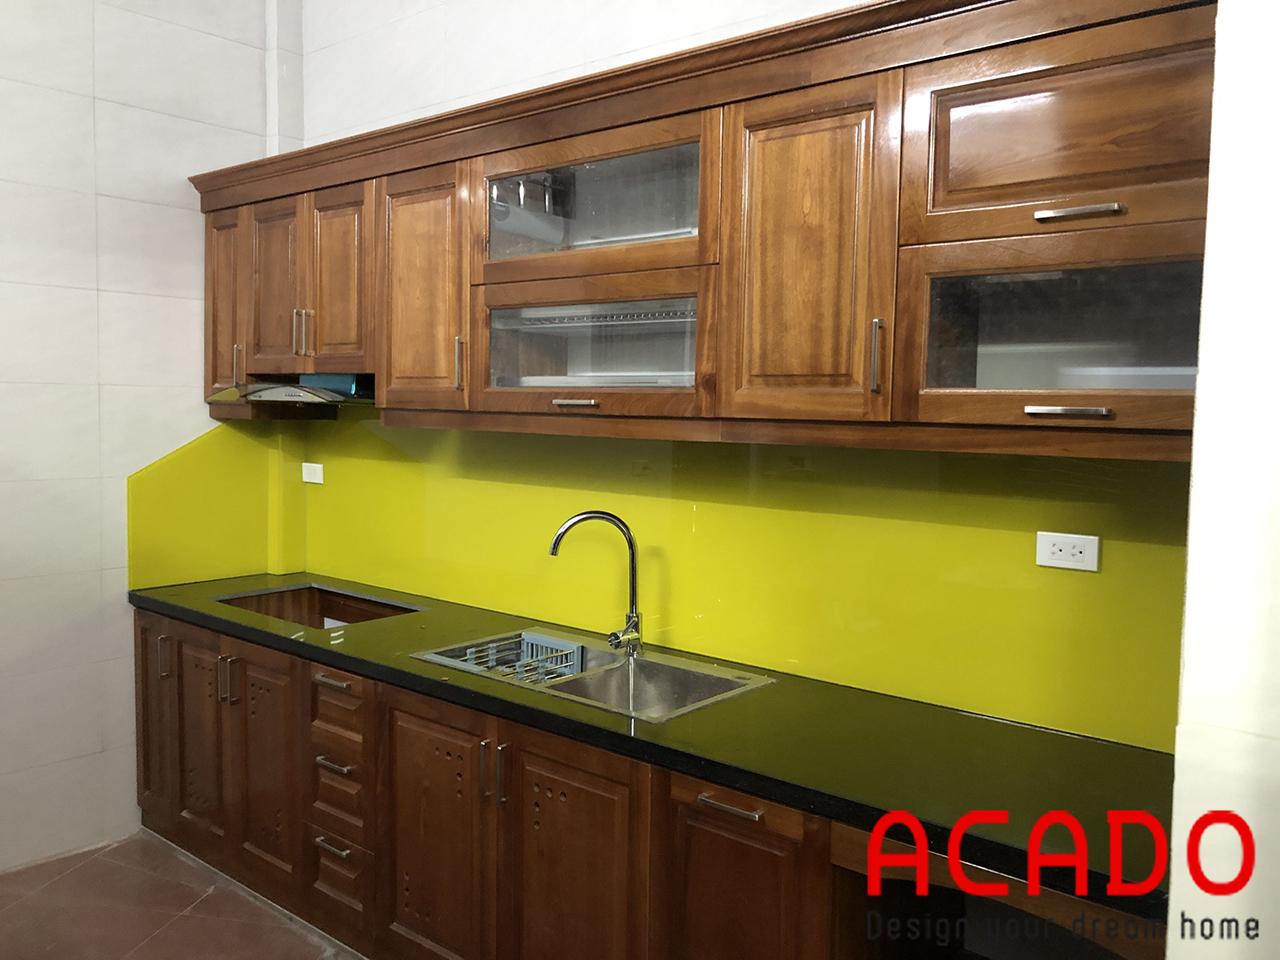 sự kết hợp hài hoa giữa đường nét của vân gộ và màu cánh gián của gỗ xoan đào tạo nên một vẻ đẹp hoàn hảo cho căn bếp nhà bạn